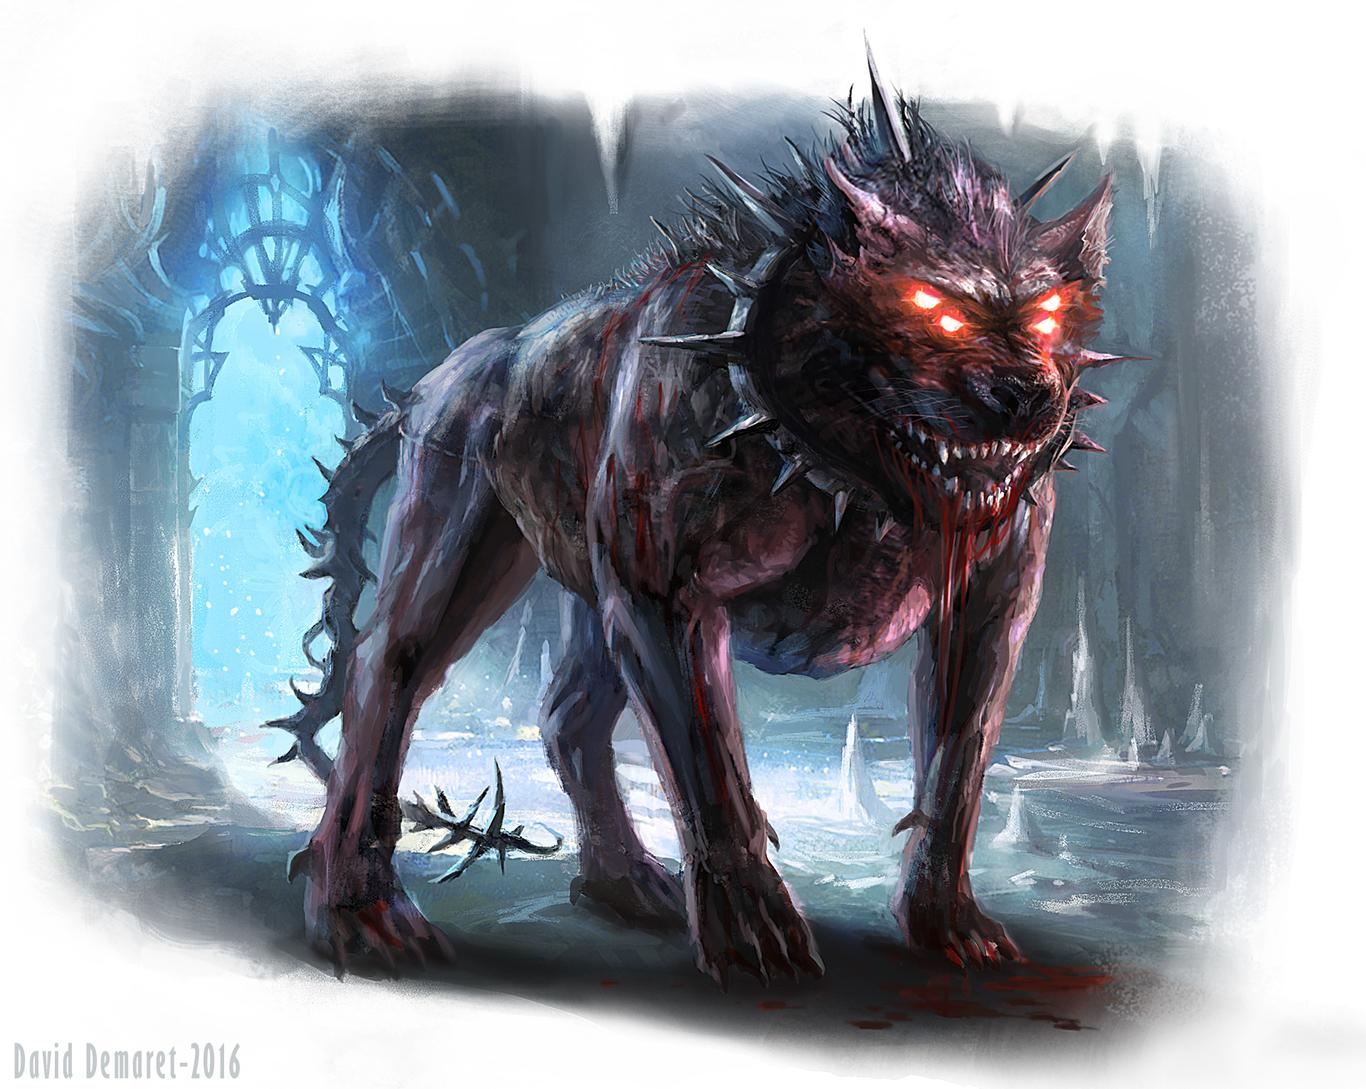 Moonchild garmr guardian of th 1 de33de14 d7sb